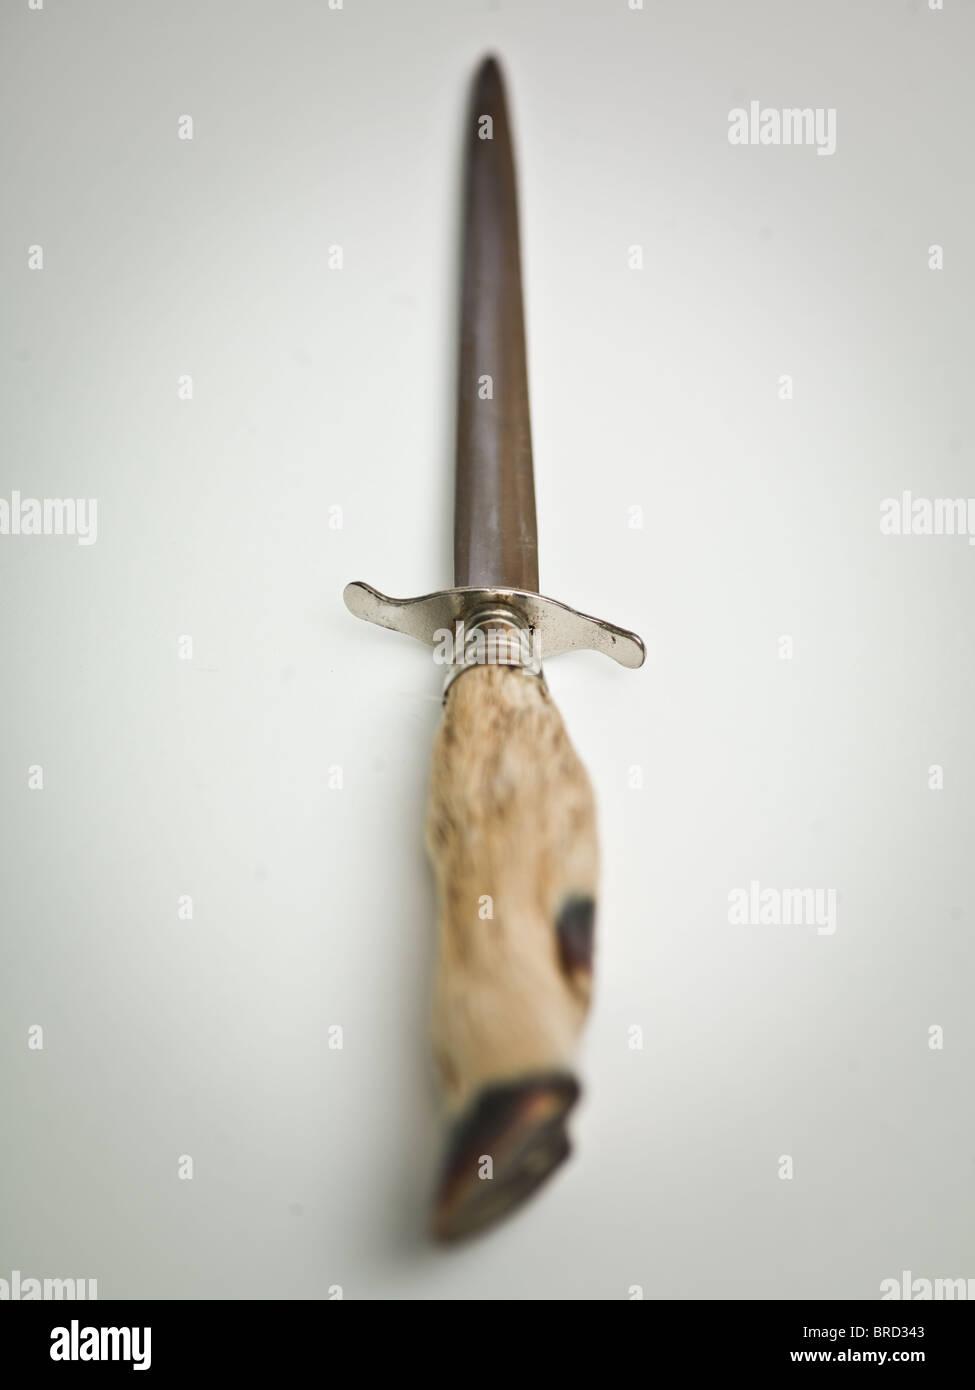 Goats hoof letter opener - Stock Image